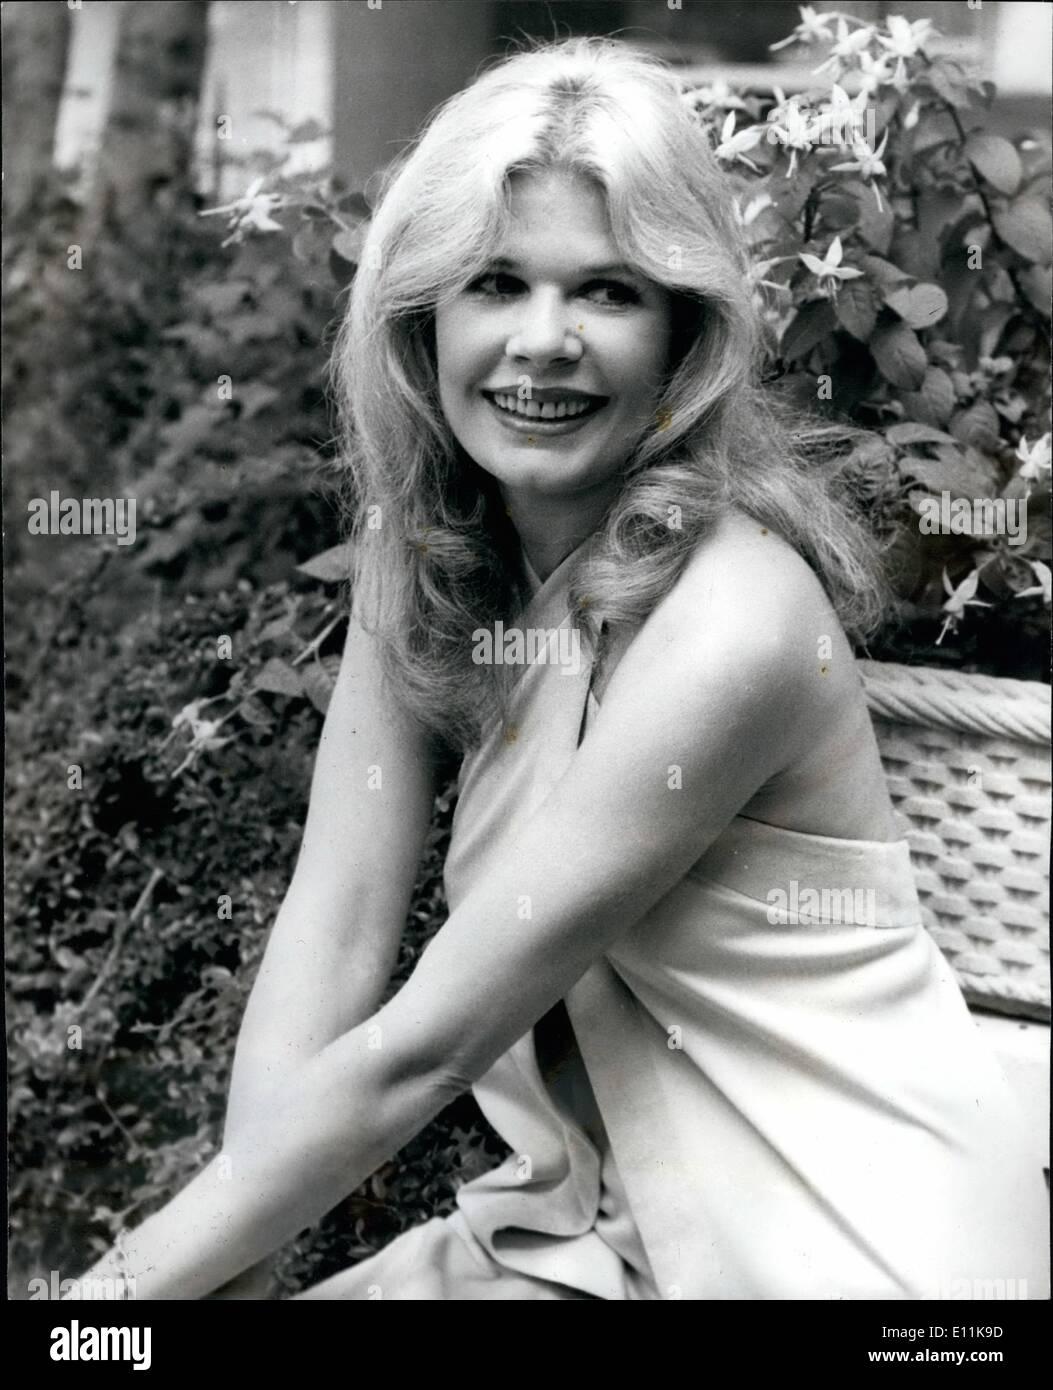 """6. Juni 1978 - Loretta Swit von '' M + A + S + H'' In London: Ein Foto-Shooting fand heute Morgen für Loretta Swit, der """"Hot Lips"""" spielt in der BB-2 '' M + A + S + H''. Serie, im Inn auf dem Park, London. Sie ist bei einem Besuch in London für einen Urlaub. Das Foto zeigt Loretta Swit heute in London gesehen. Stockbild"""